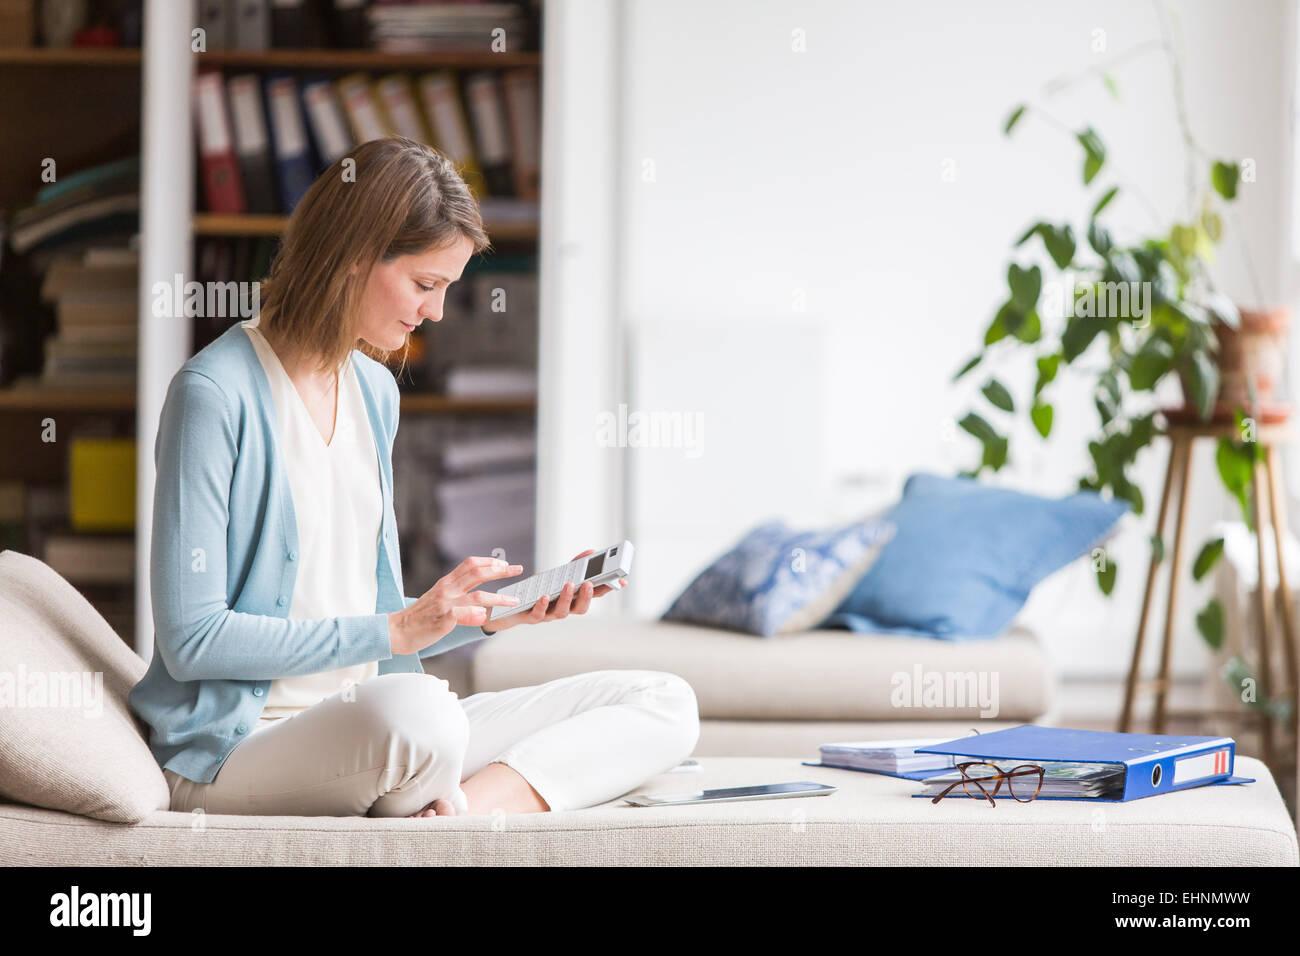 Mujer con documentos administrativos. Foto de stock